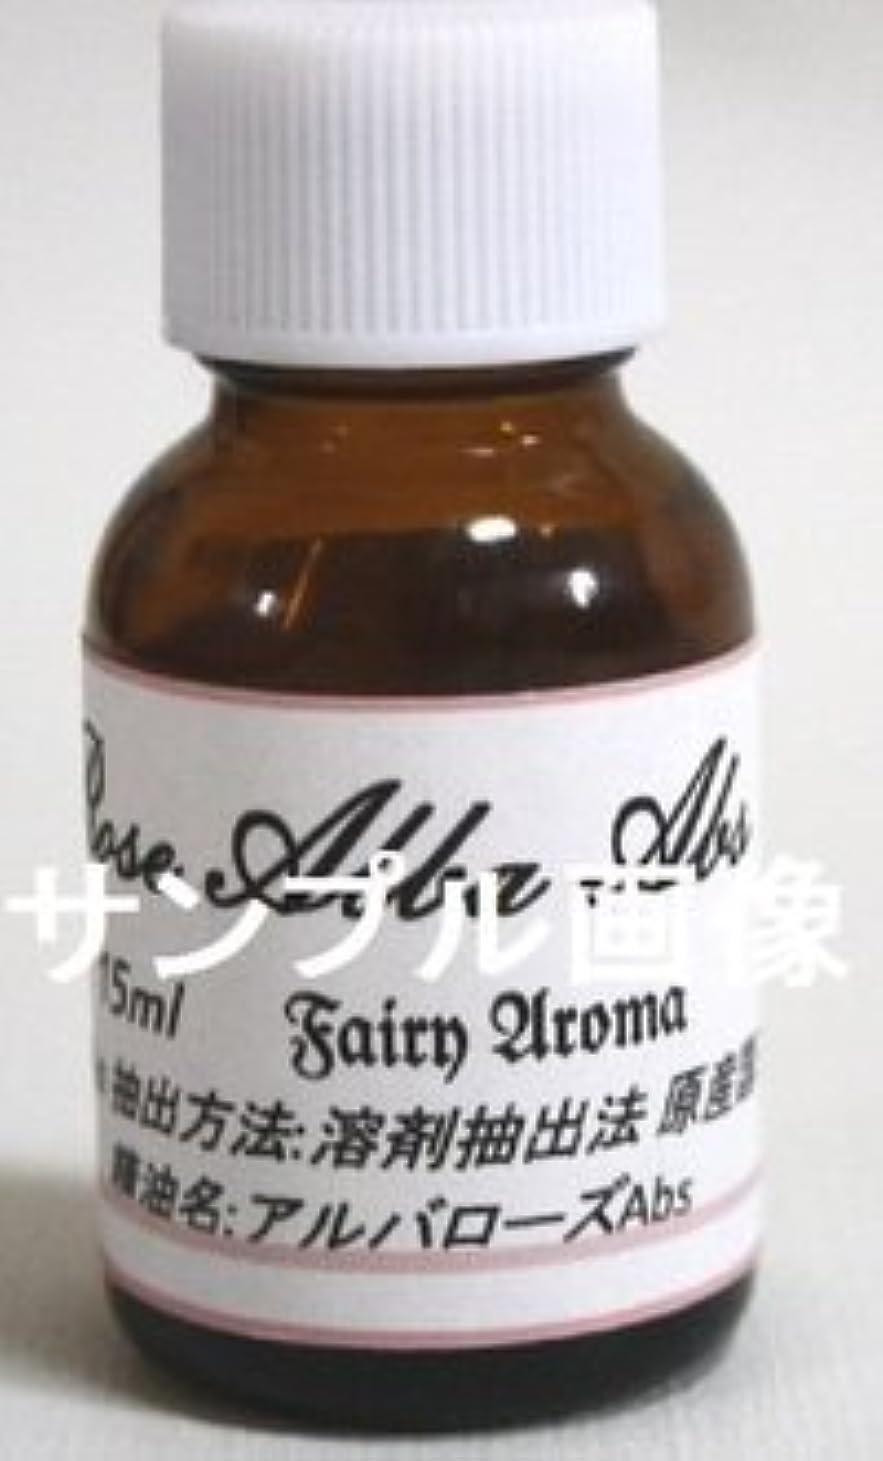 通常キャンドルリーダーシップカーネーションAbs25% 15ml フローラル系 精油 アロマオイル ブランド名【Fairy Aroma】 [並行輸入品]